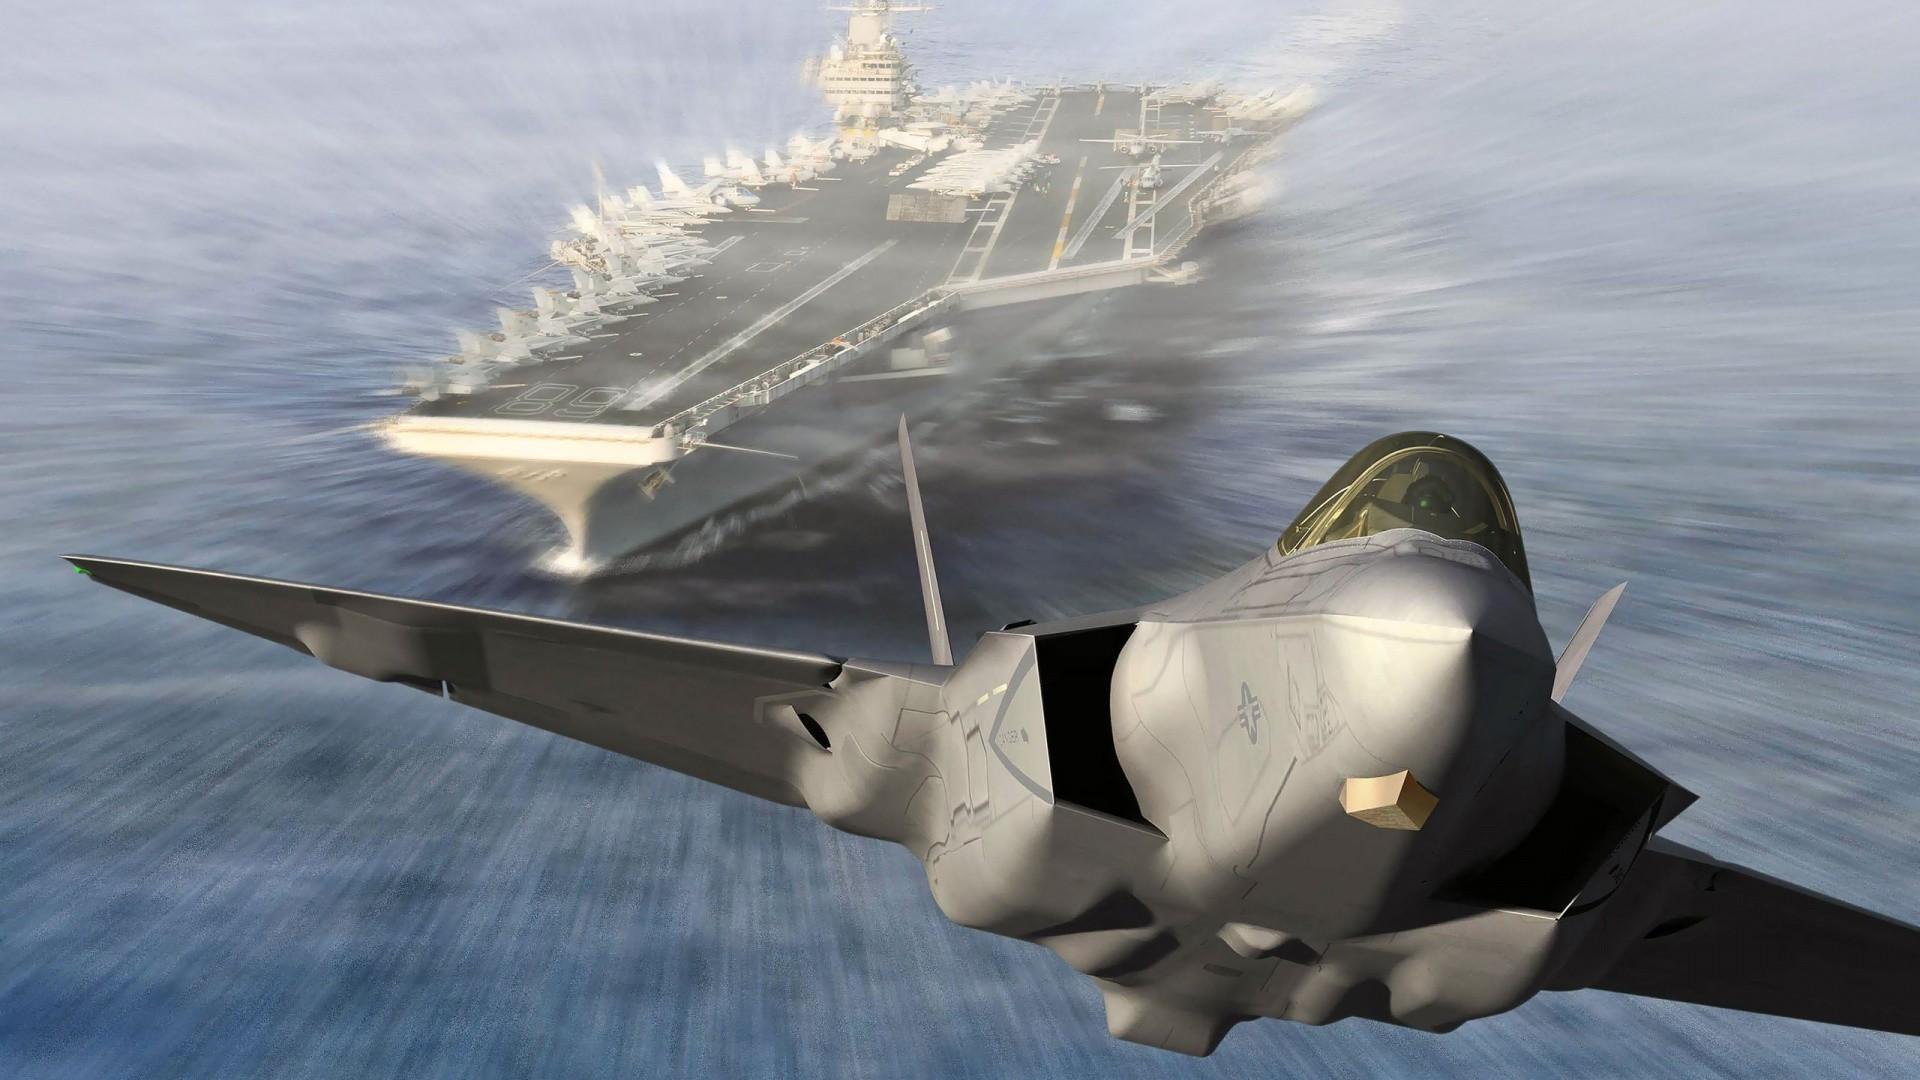 Aircraft Carrier Planes Wallpaper Widescreen 2